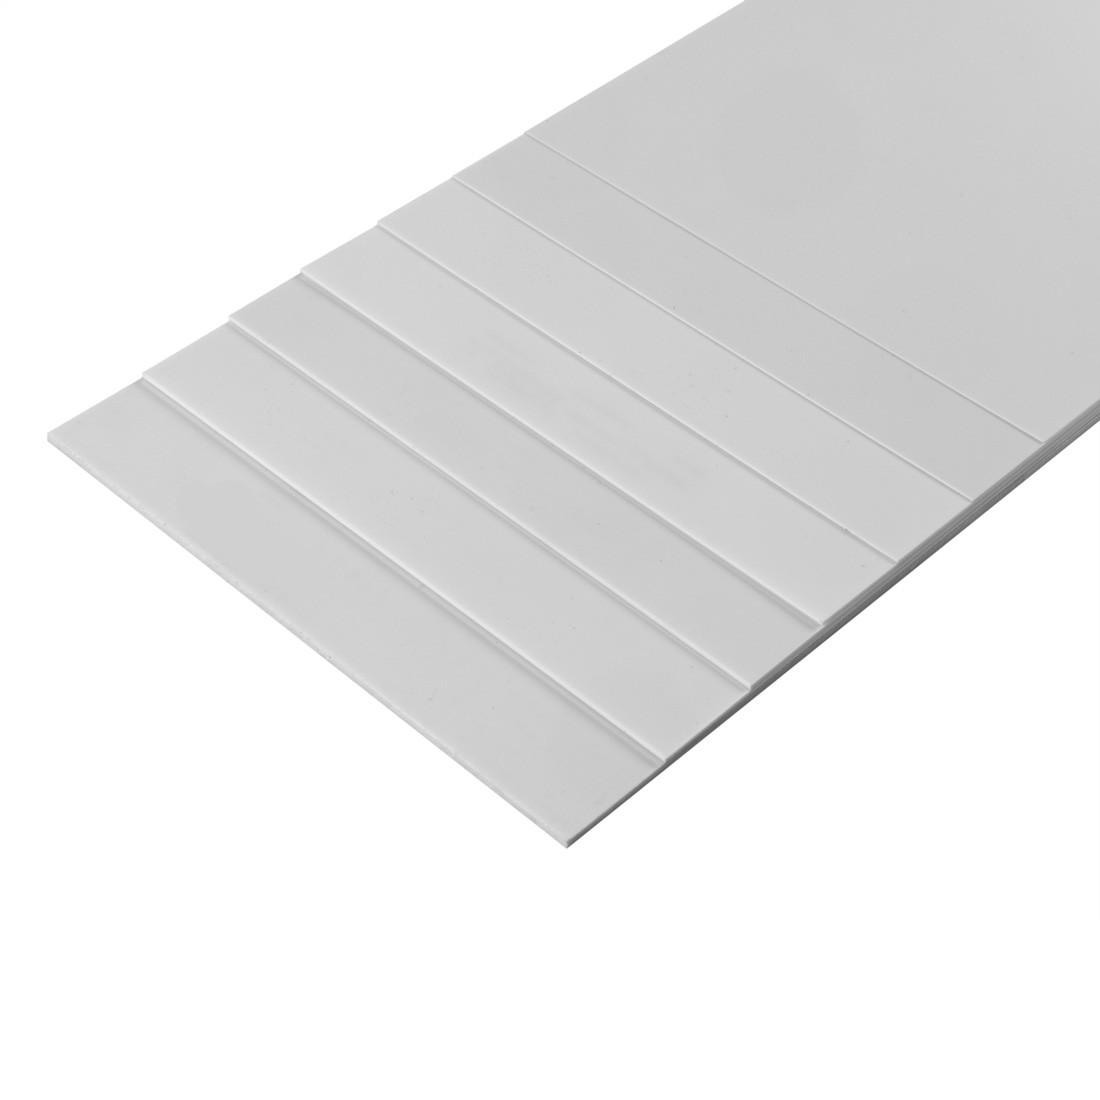 Styrene white mm.194x320 - mm.0,3